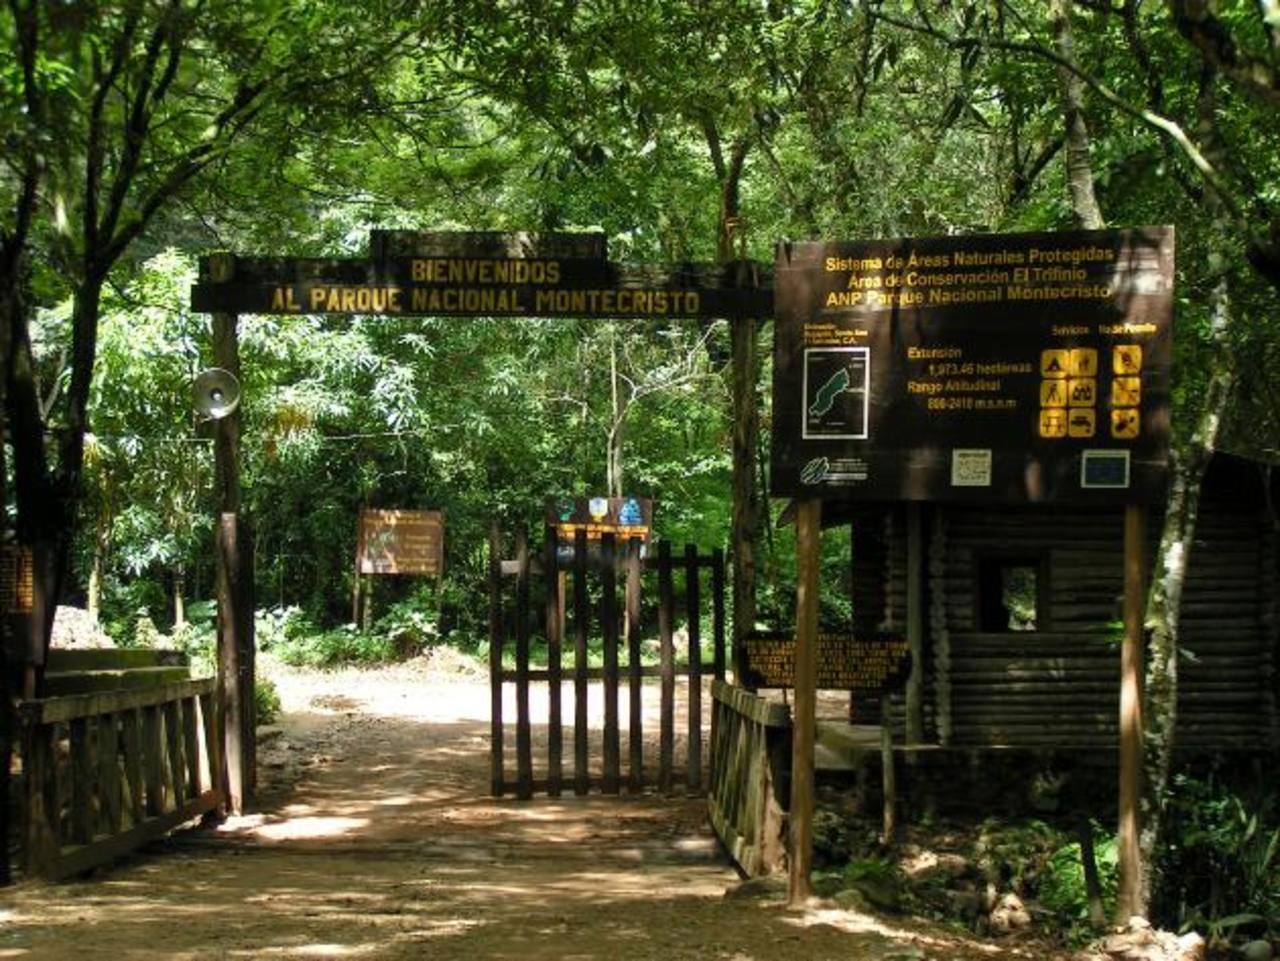 El parque, que está en el norte del departamento de Santa Ana, tiene una extensión de 1 ,973 hectáreas de bosque nebuloso. Foto EDH / archivo